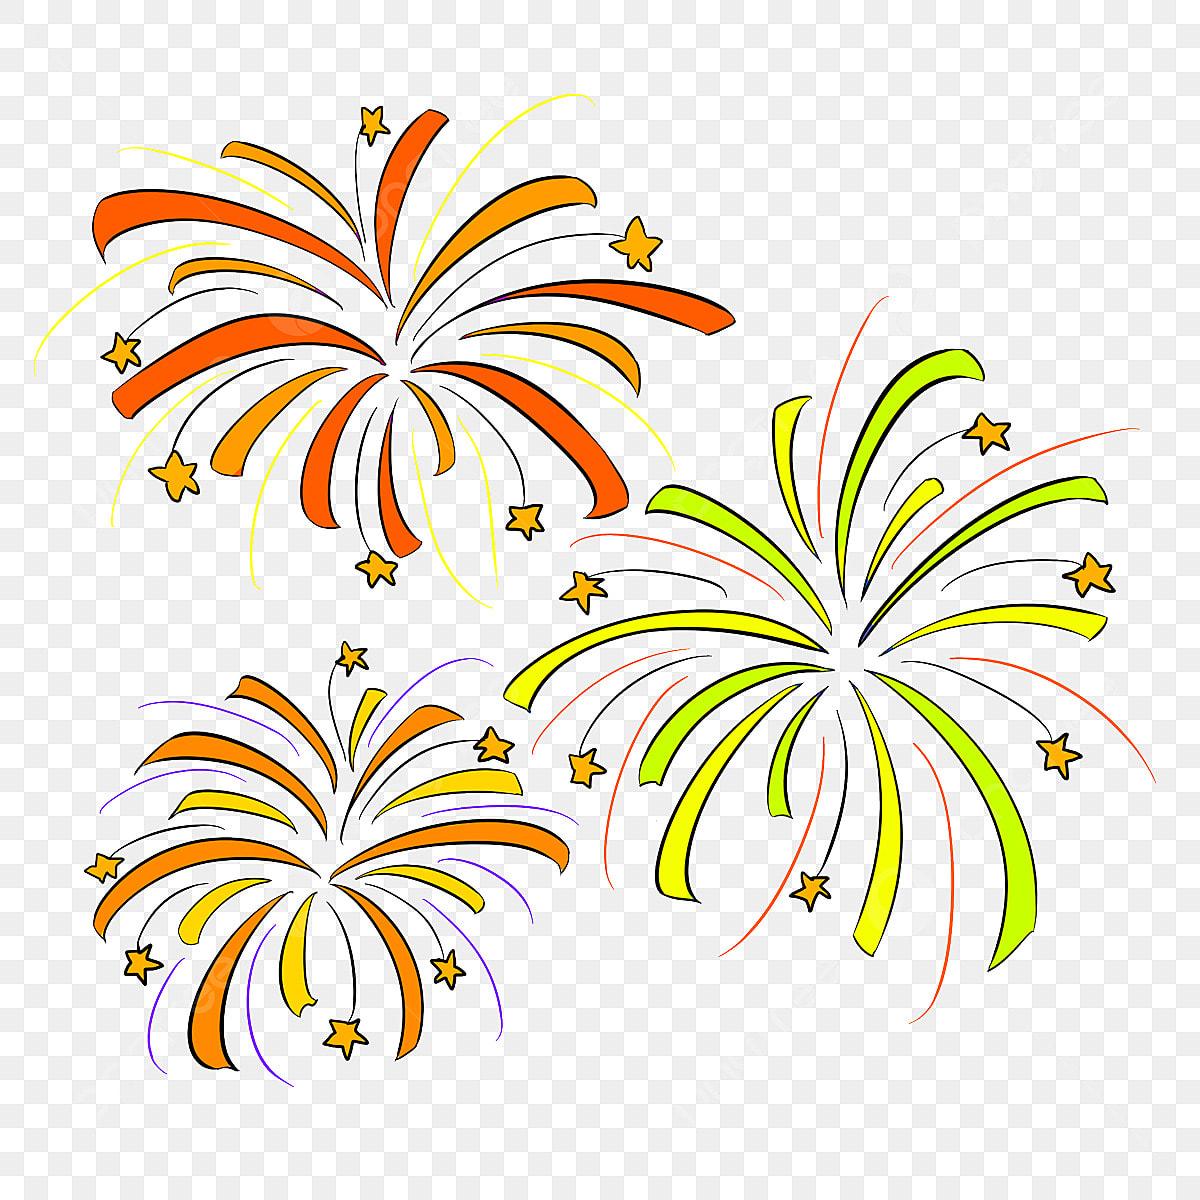 Feuerwerk Für Silvester Und Alle Feiern Vektor-Illustration Lizenzfrei  Nutzbare Vektorgrafiken, Clip Arts, Illustrationen. Image 44812007.